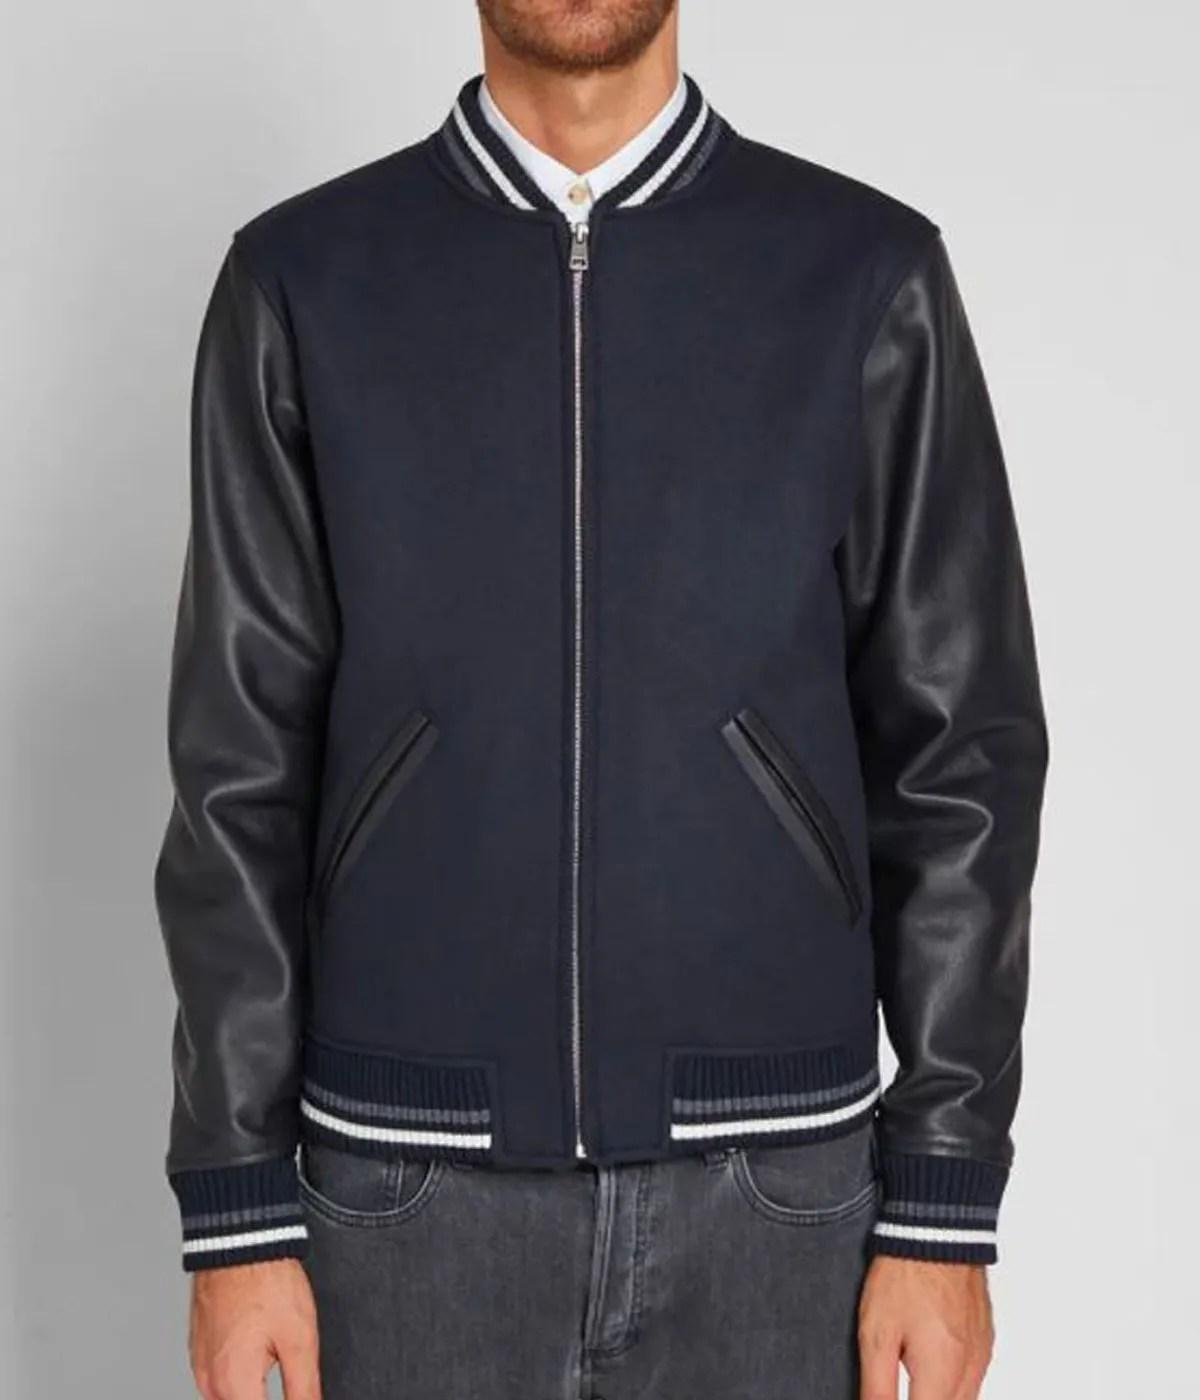 apc-copper-navy-blue-varsity-jacket